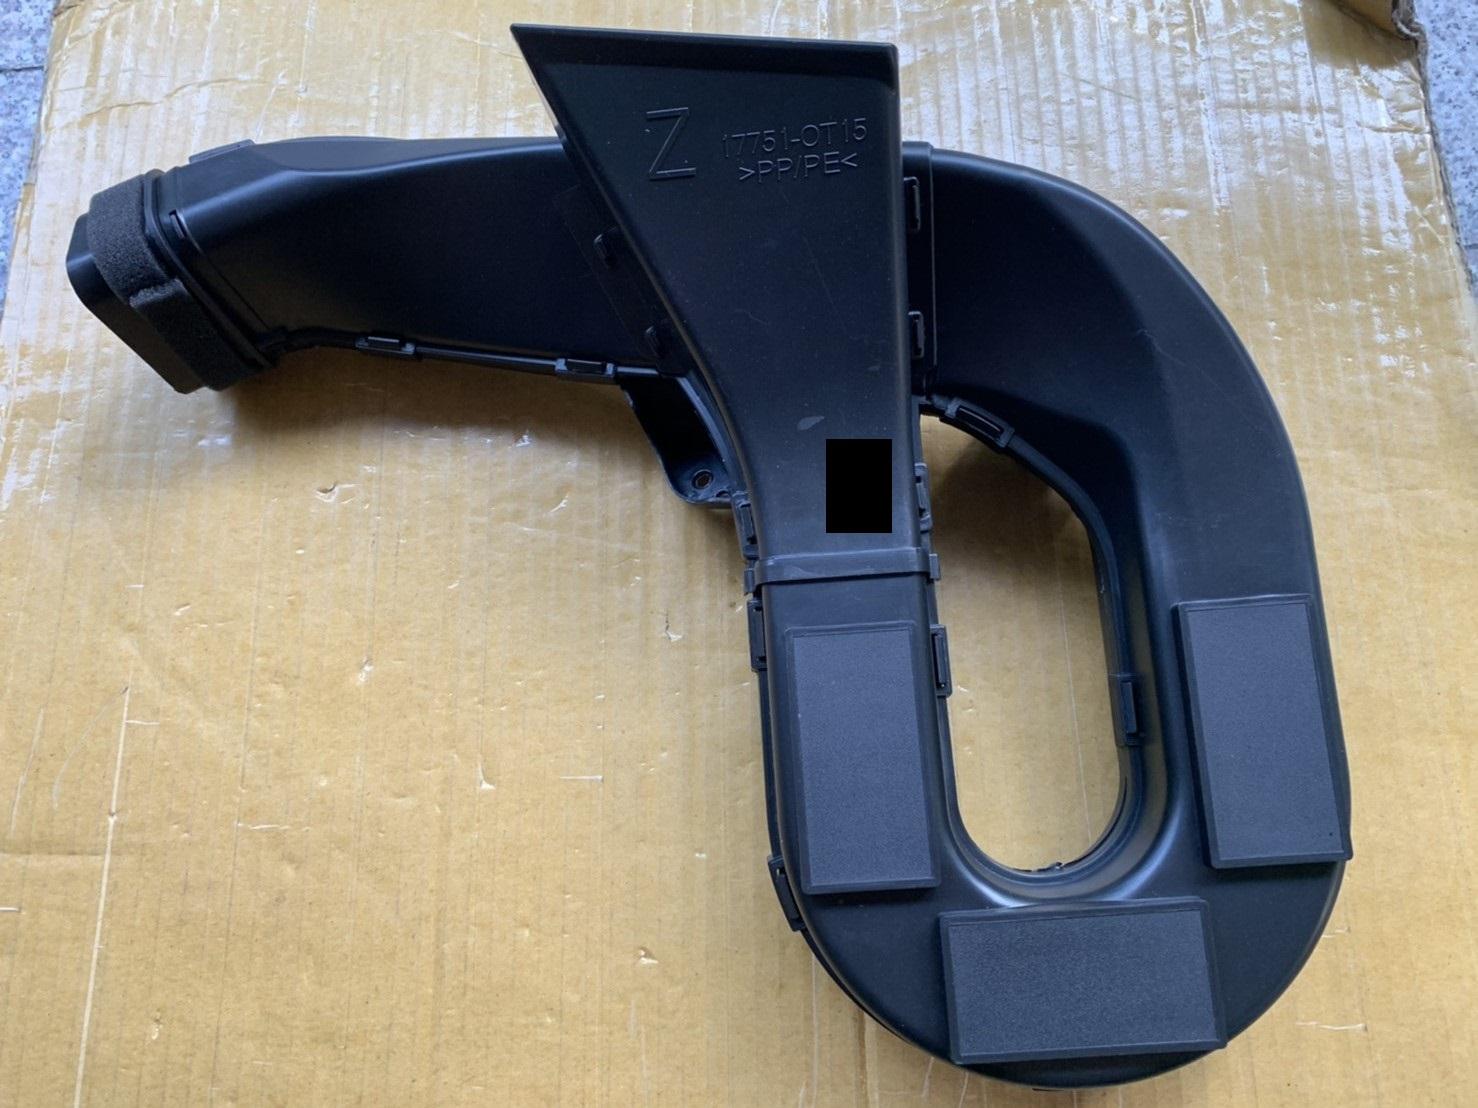 懶寶奸尼 TOYOTA 豐田 ALTIS 年份10-18 廢棄桶導管 共鳴箱導管 集氣桶導管 空氣濾芯器導管